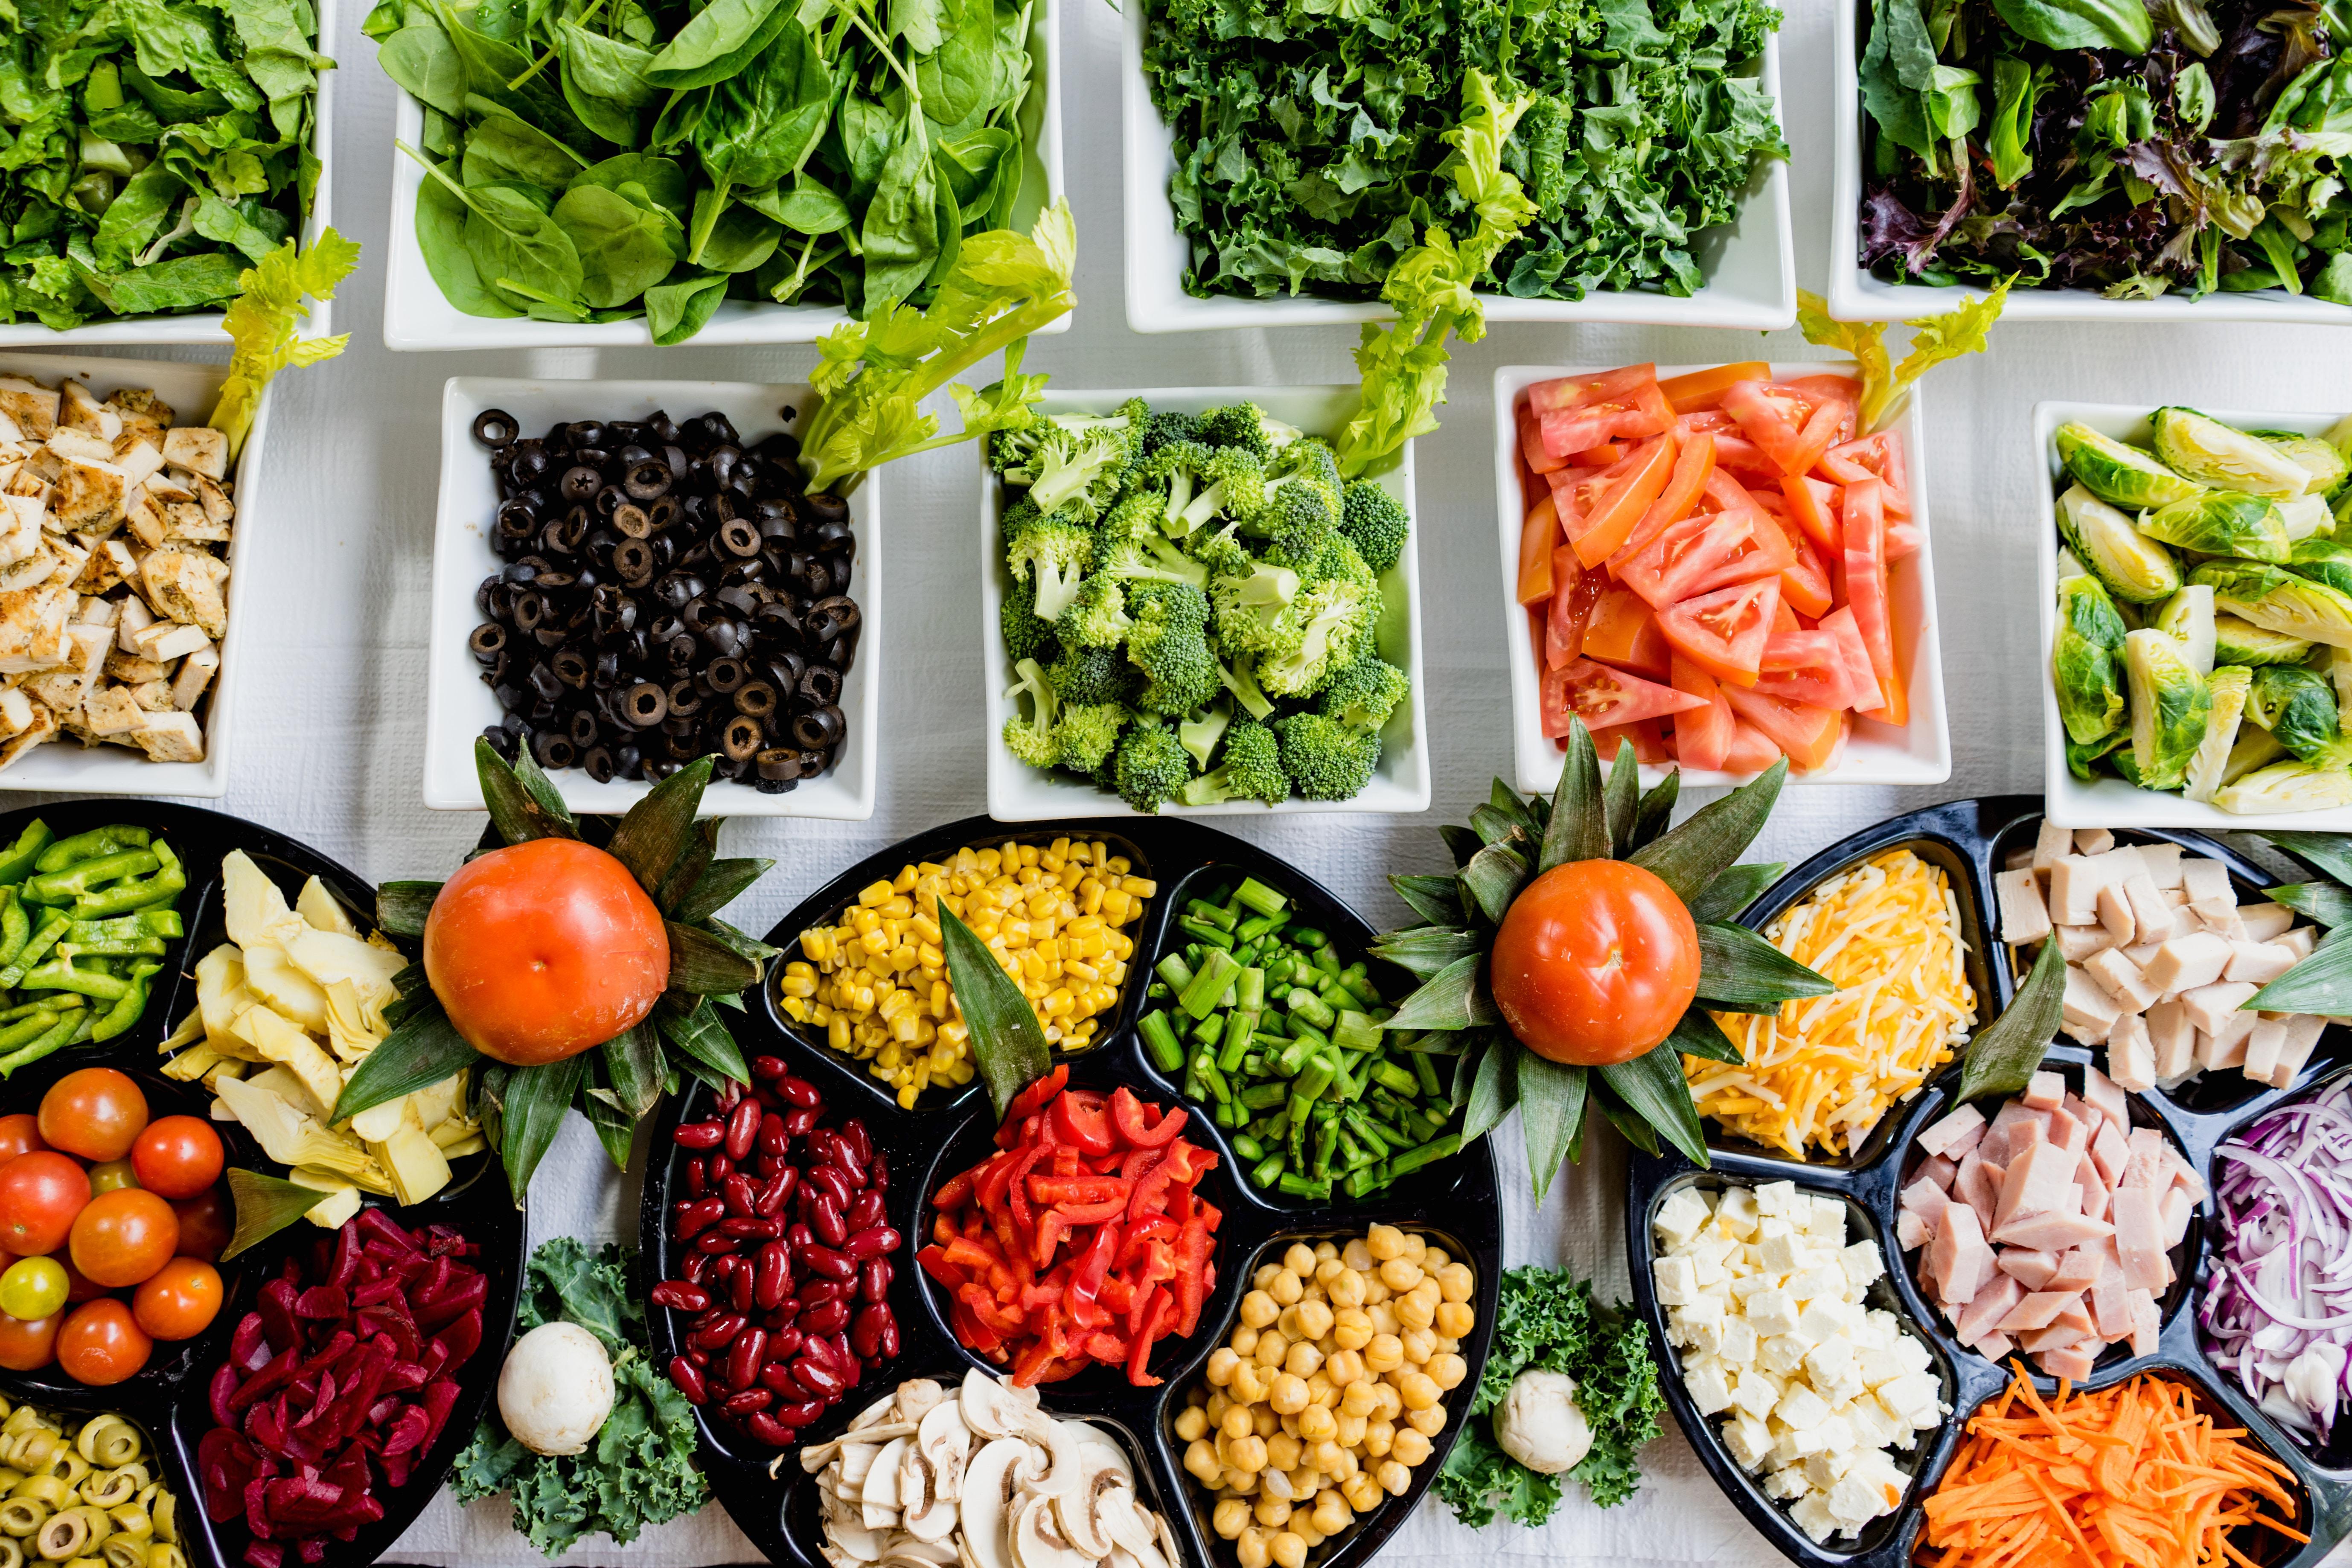 妊娠糖尿病の食事について